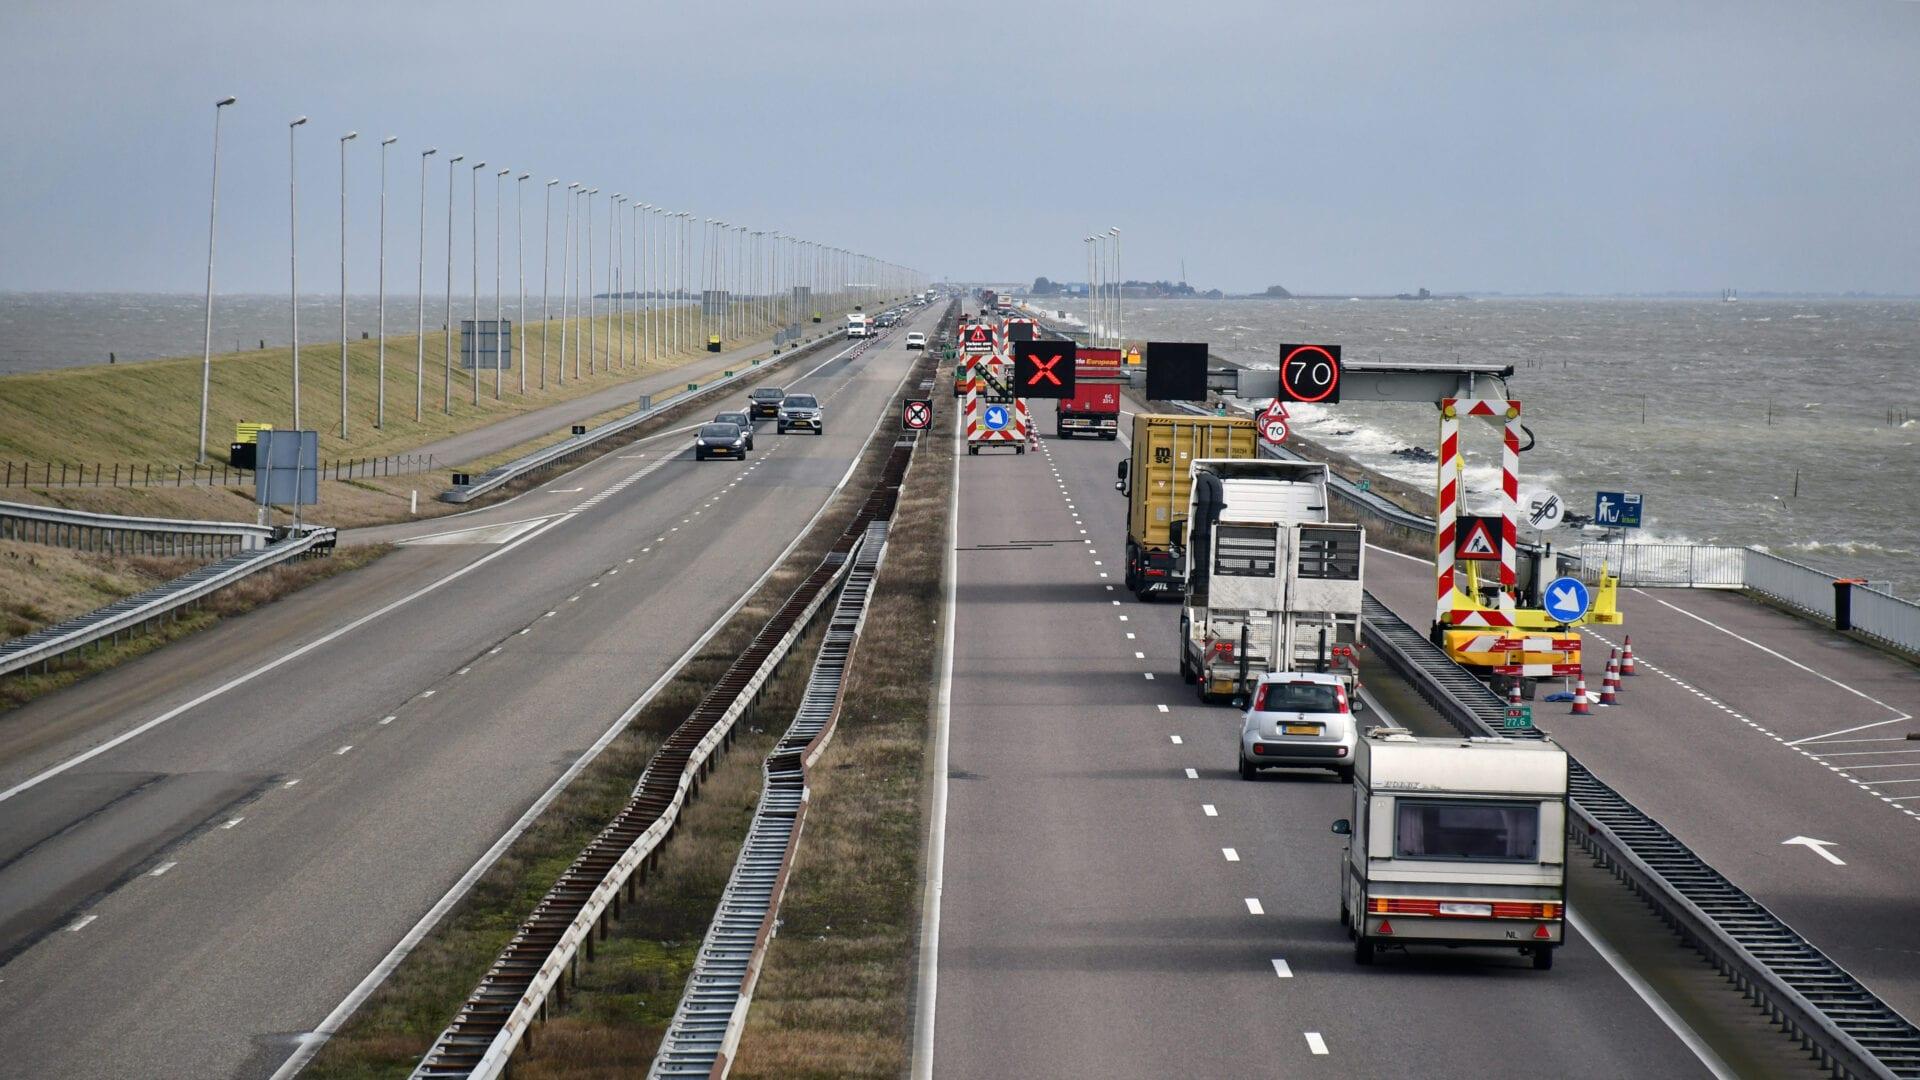 Wij kijken op de weg bij de Afsluitdijk. Je ziet 5 wegbanen. Rechts rijden er veel auto's. Dit komt omdat 1 weghelft gesloten is. Daarom hangt er een kruis boven weg en aan de zijkant een 70km bord.